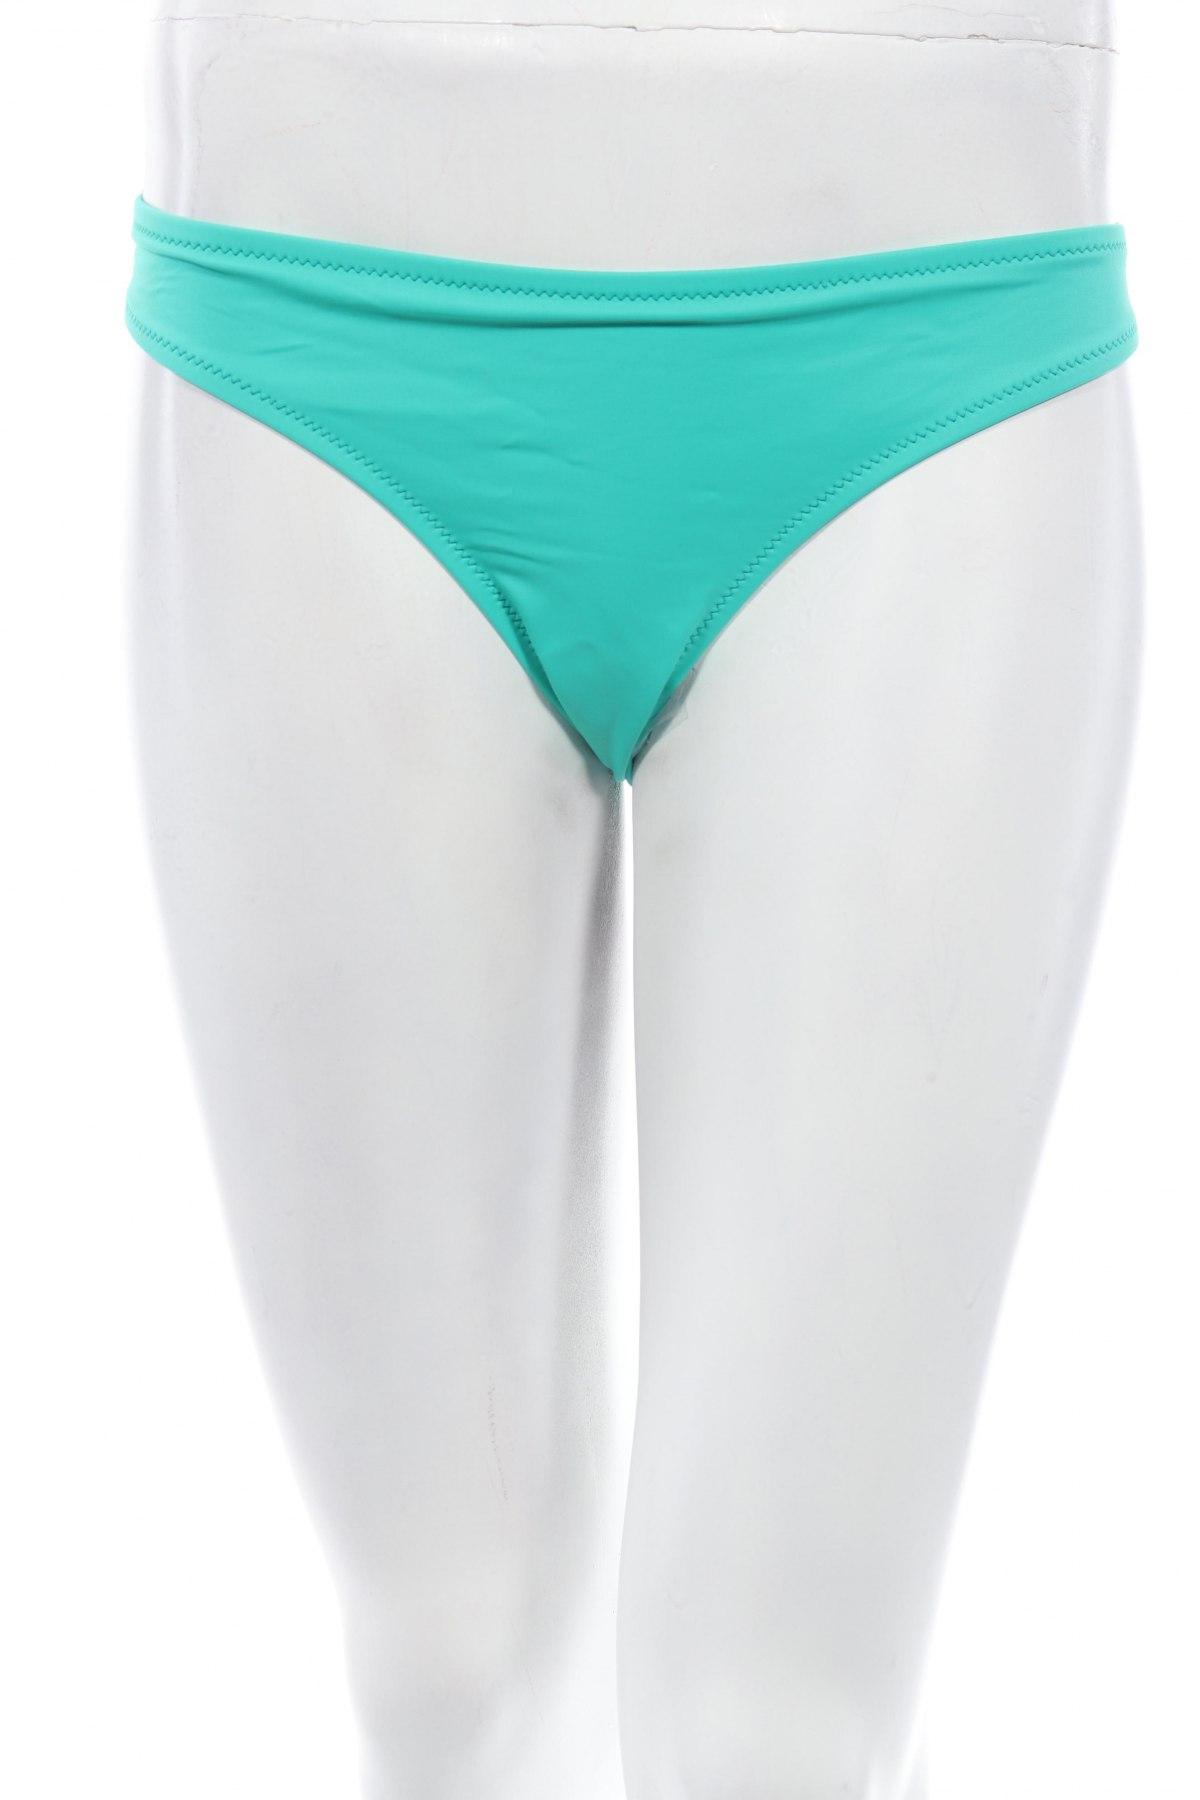 Дамски бански Twintip, Размер S, Цвят Зелен, 80% полиамид, 20% еластан, Цена 15,08лв.